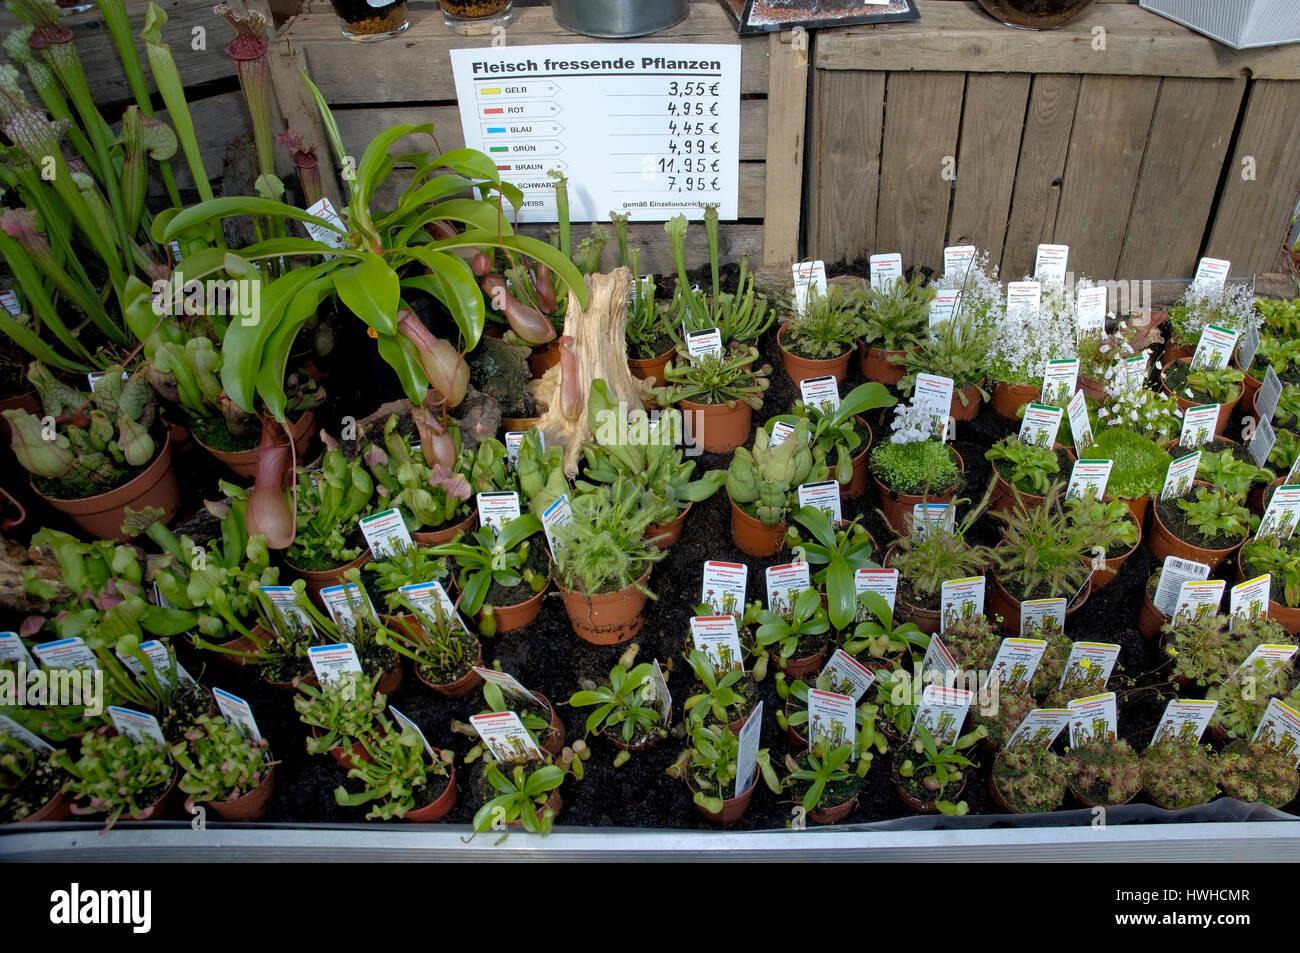 Nursery, garden centre carnivorous plants in a market garden, Nursery | Gartencenter / Fleischfressende Pflanzen - Stock Image